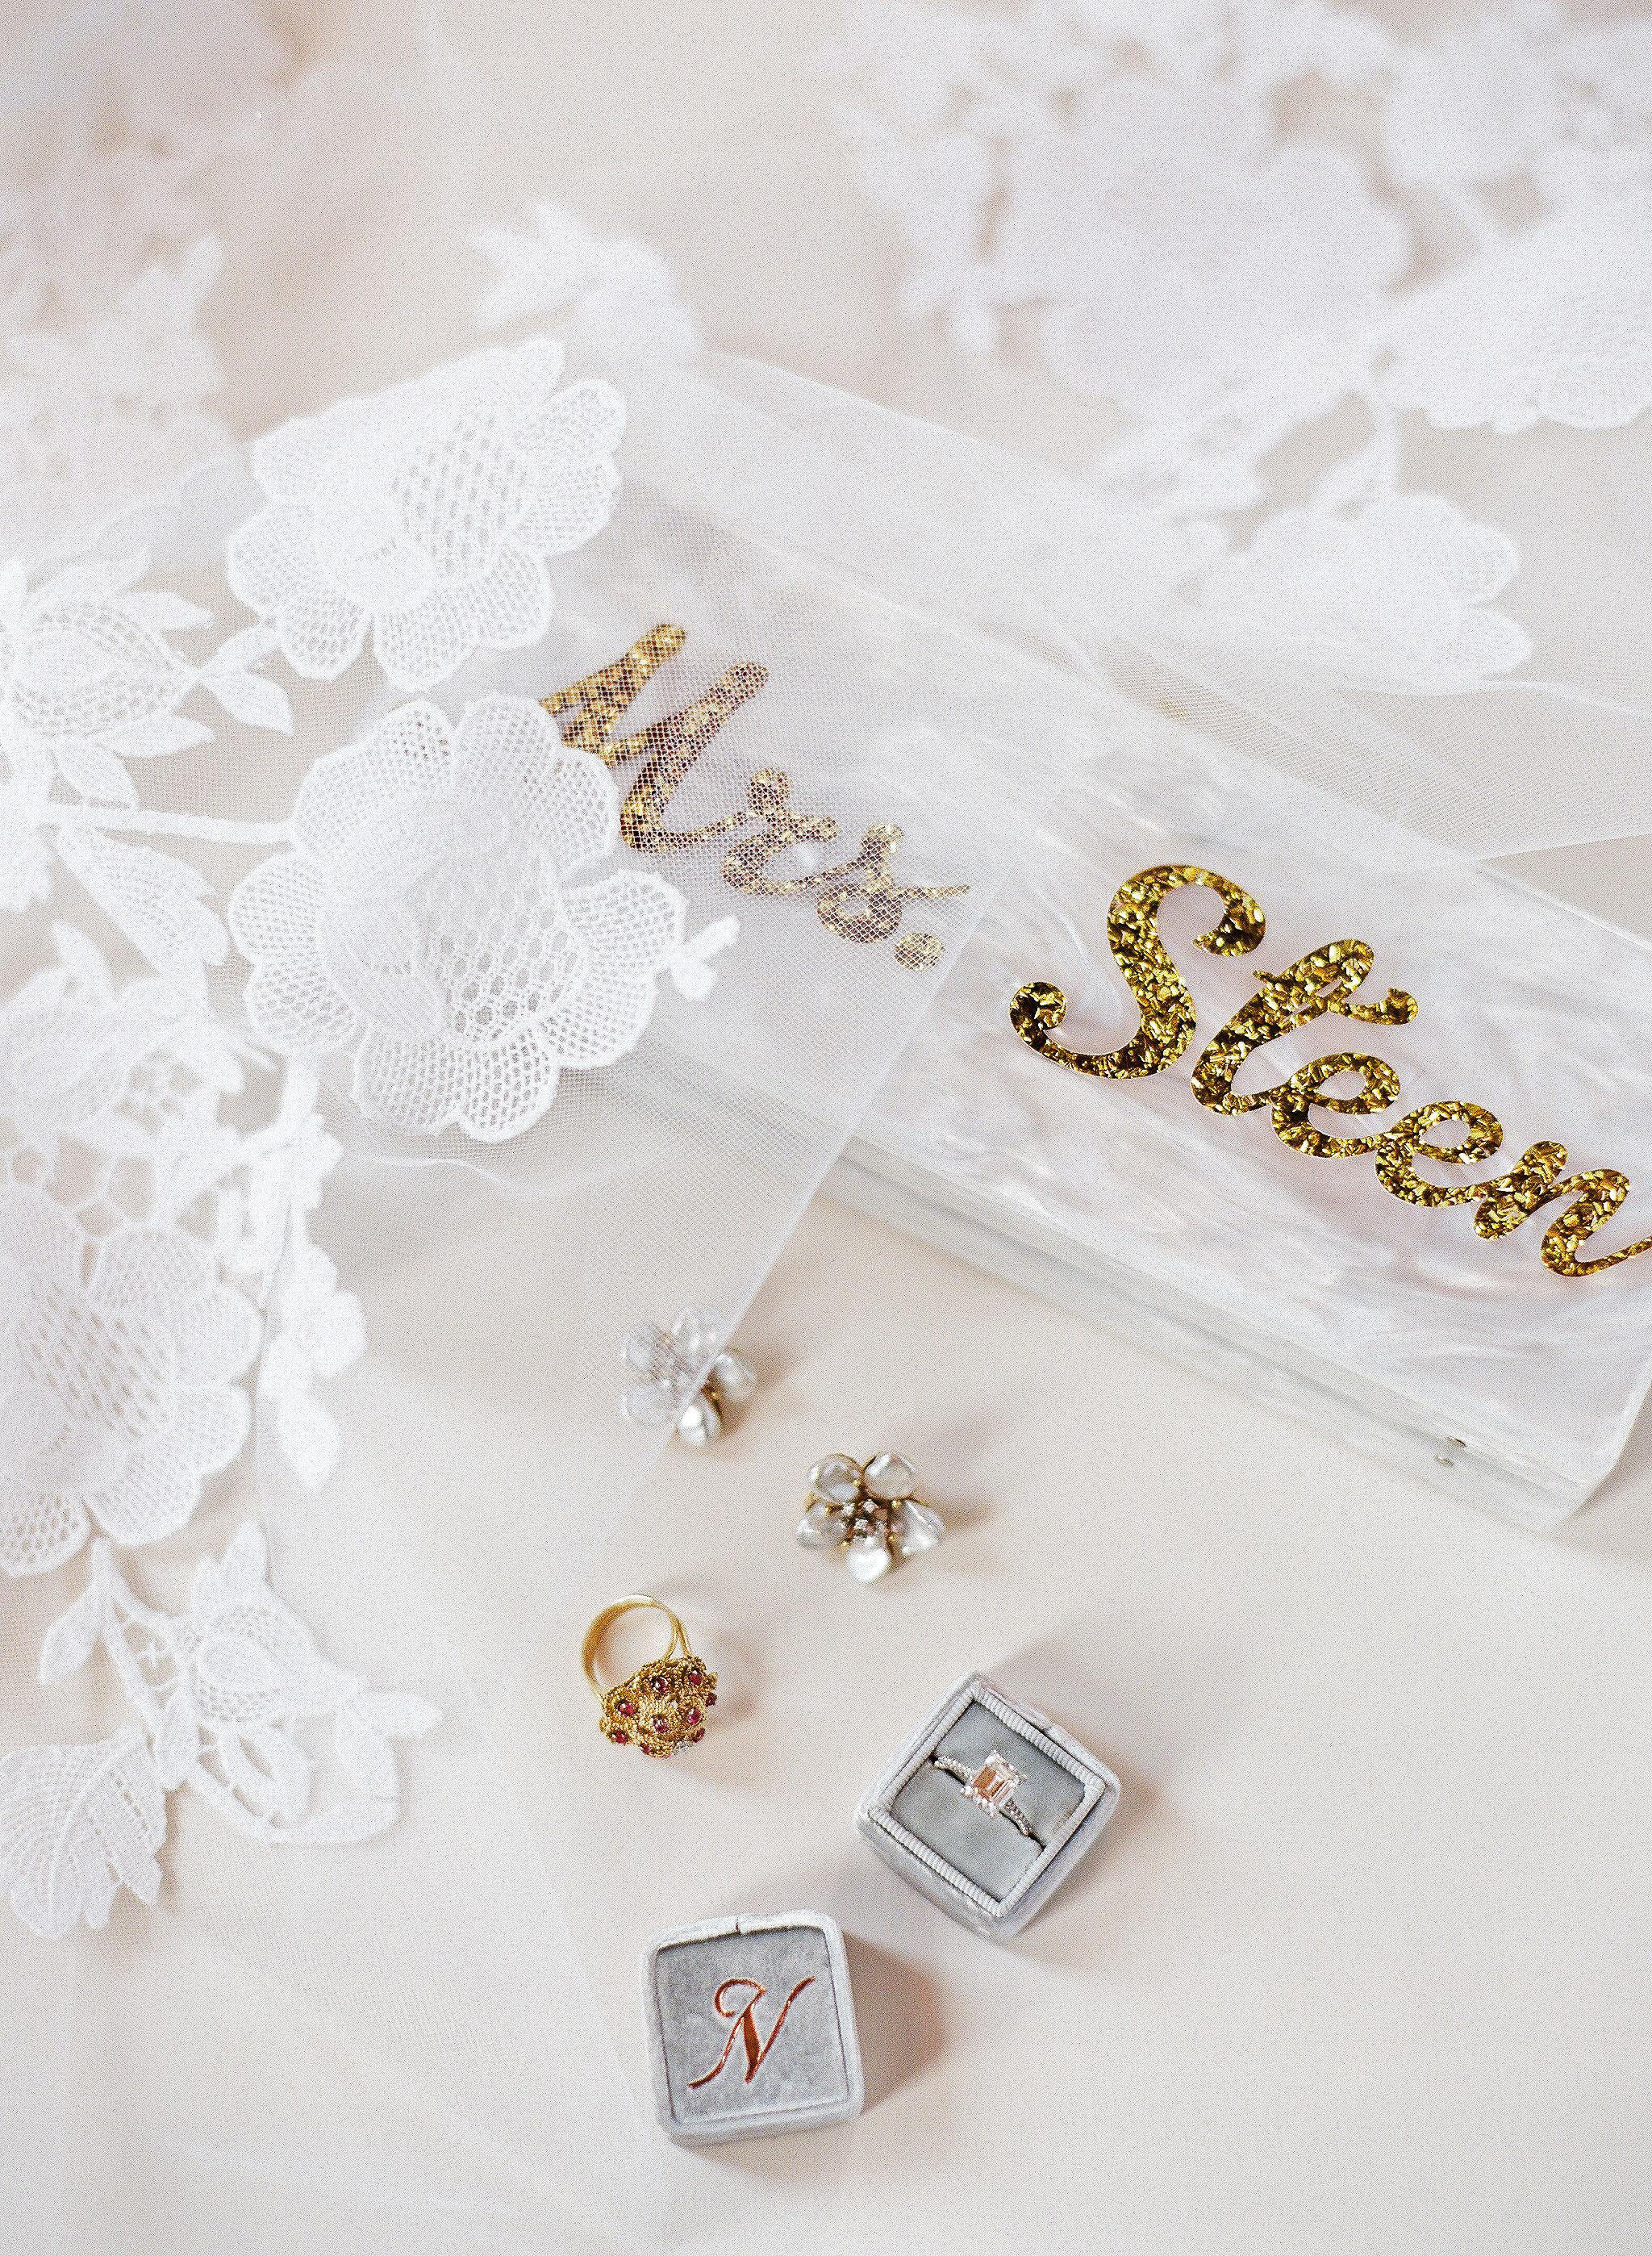 natalie jamey wedding clutch